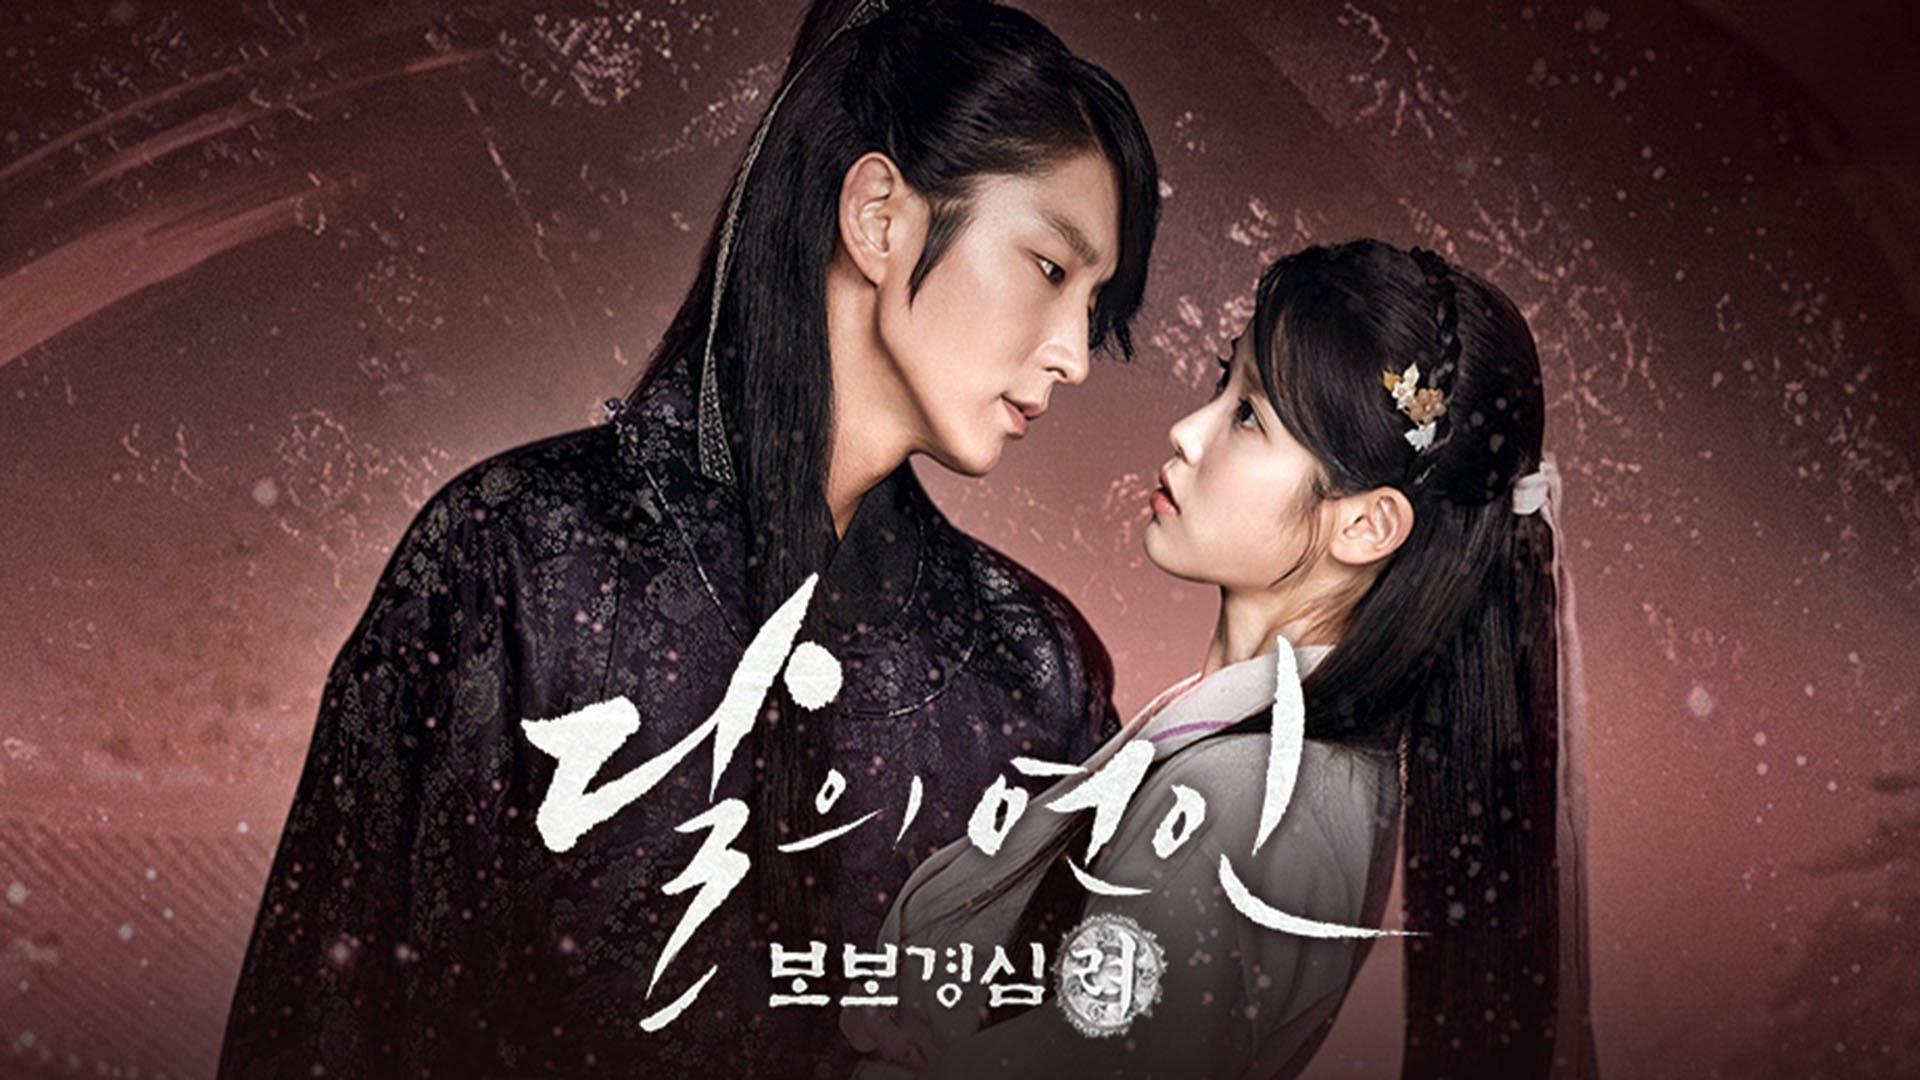 5 lần nghệ sĩ Hàn khen ngợi đồng nghiệp khiến khán giả ngao ngán: Đúng là bị ép khen - Ảnh 5.